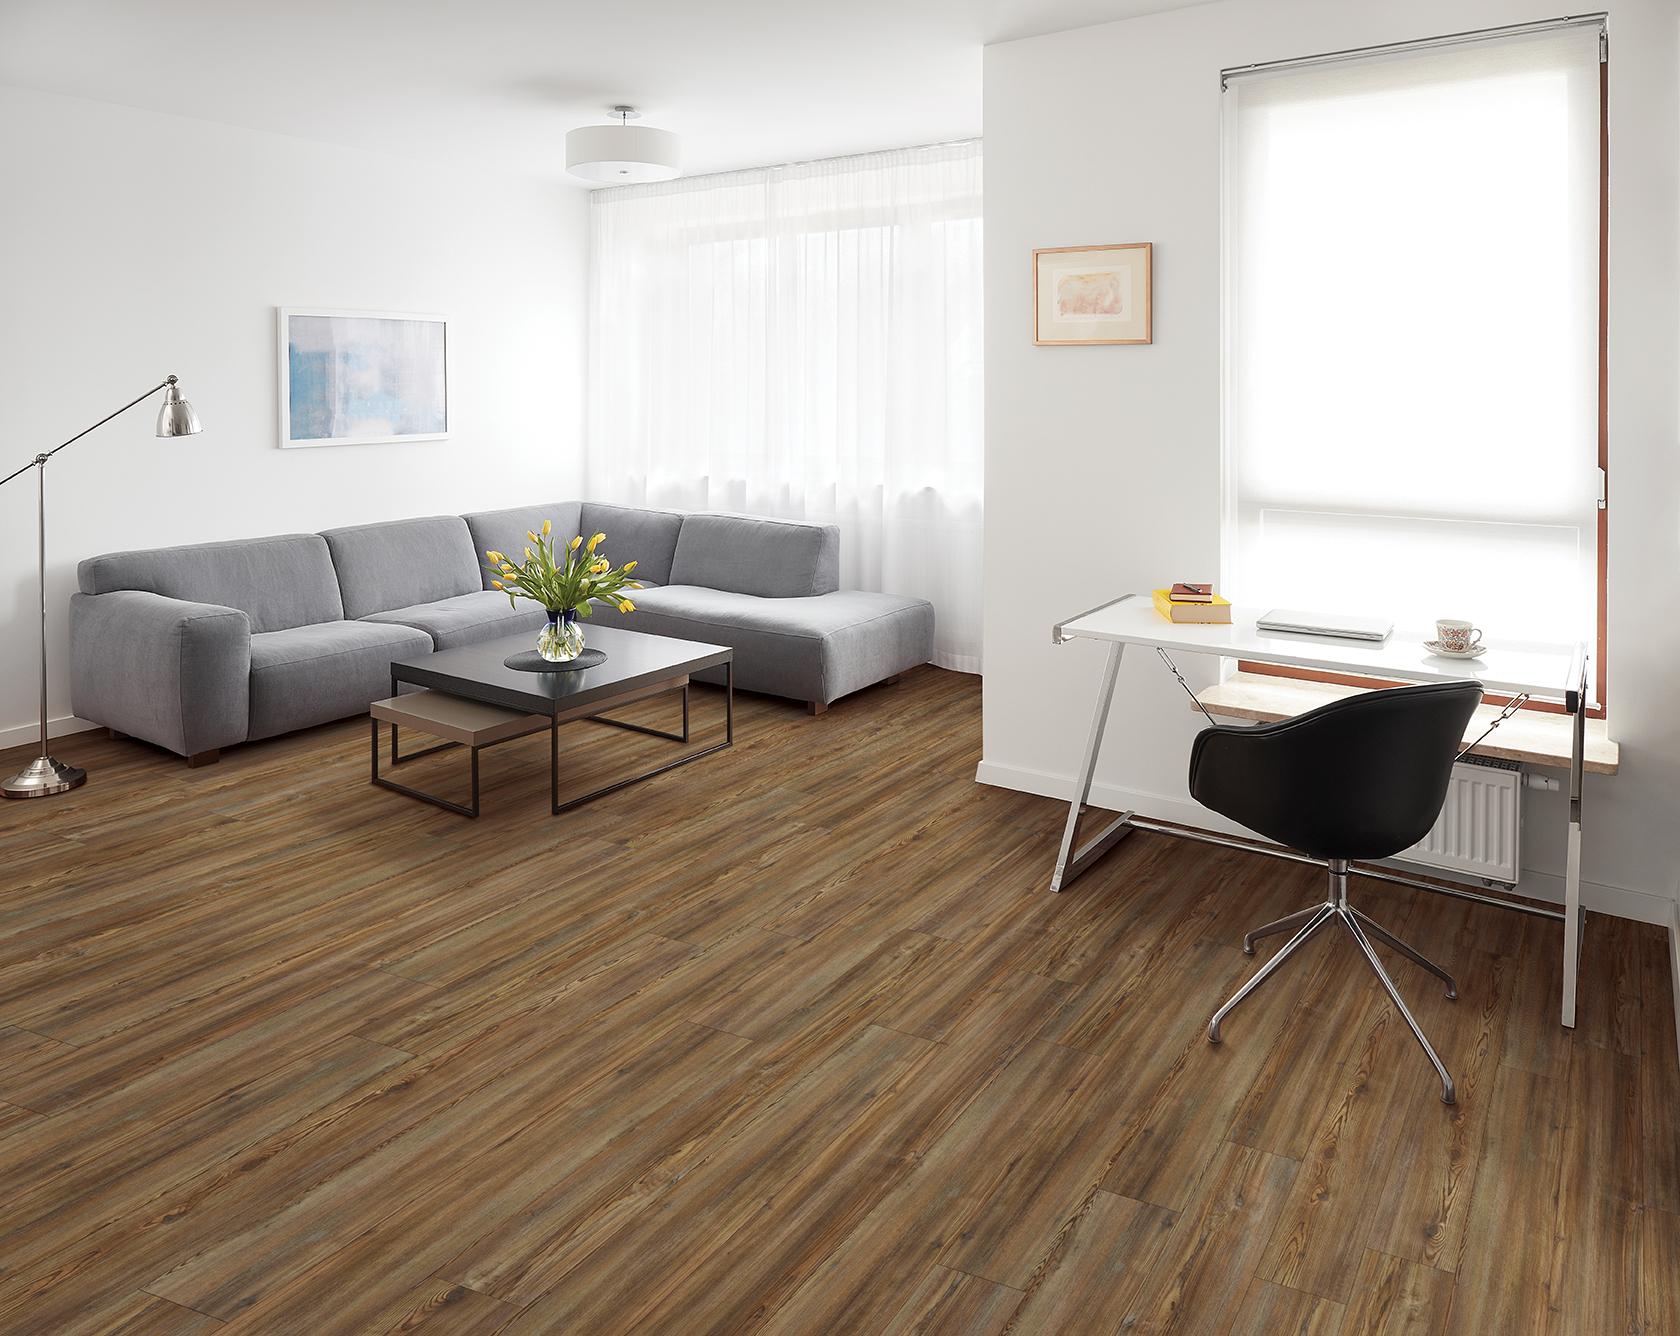 Waterproof Flooring | Jacksonville, FL